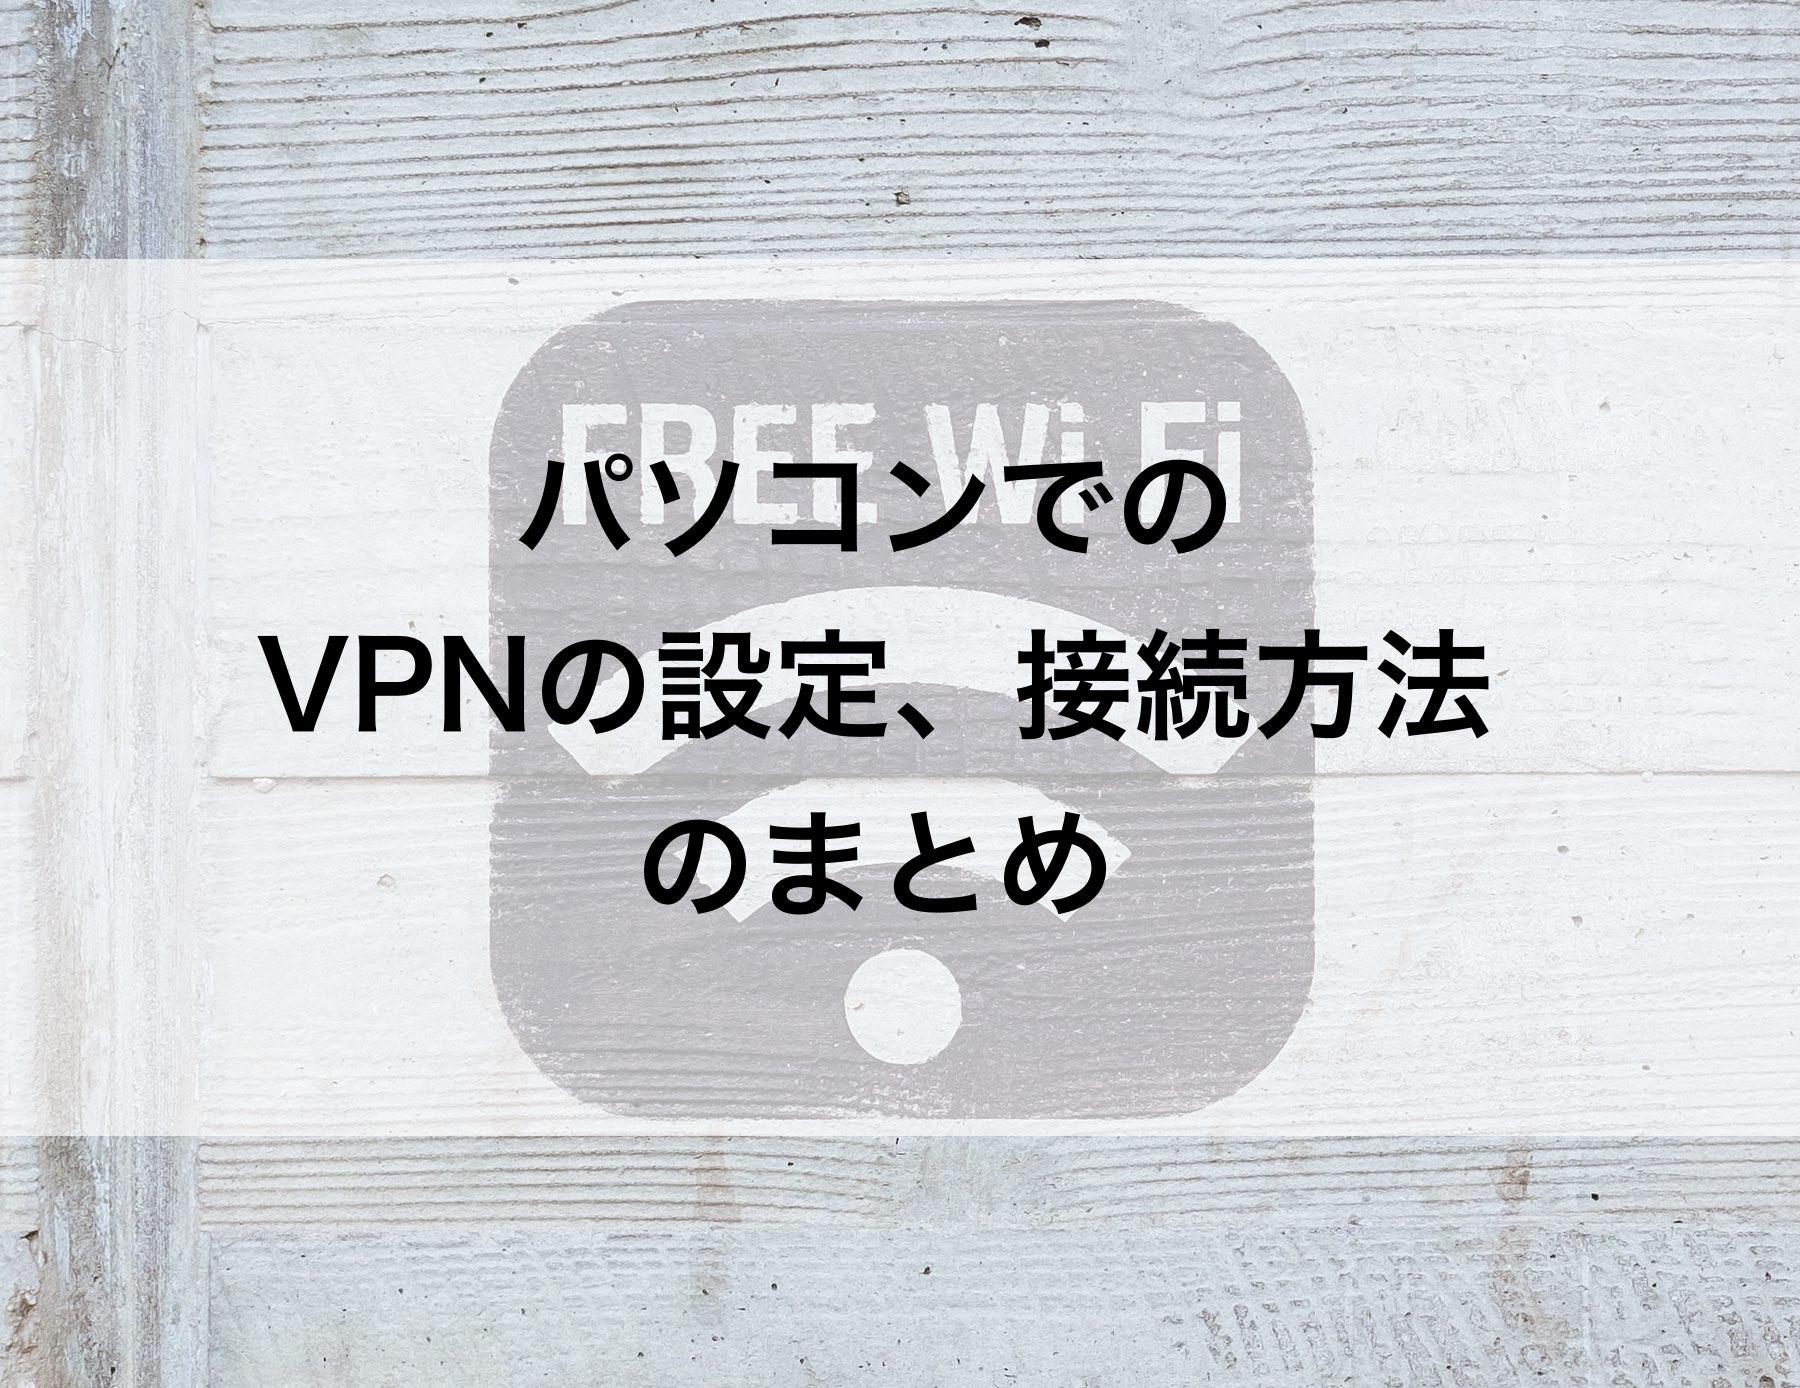 パソコンでのVPNの設定、接続方法のまとめ